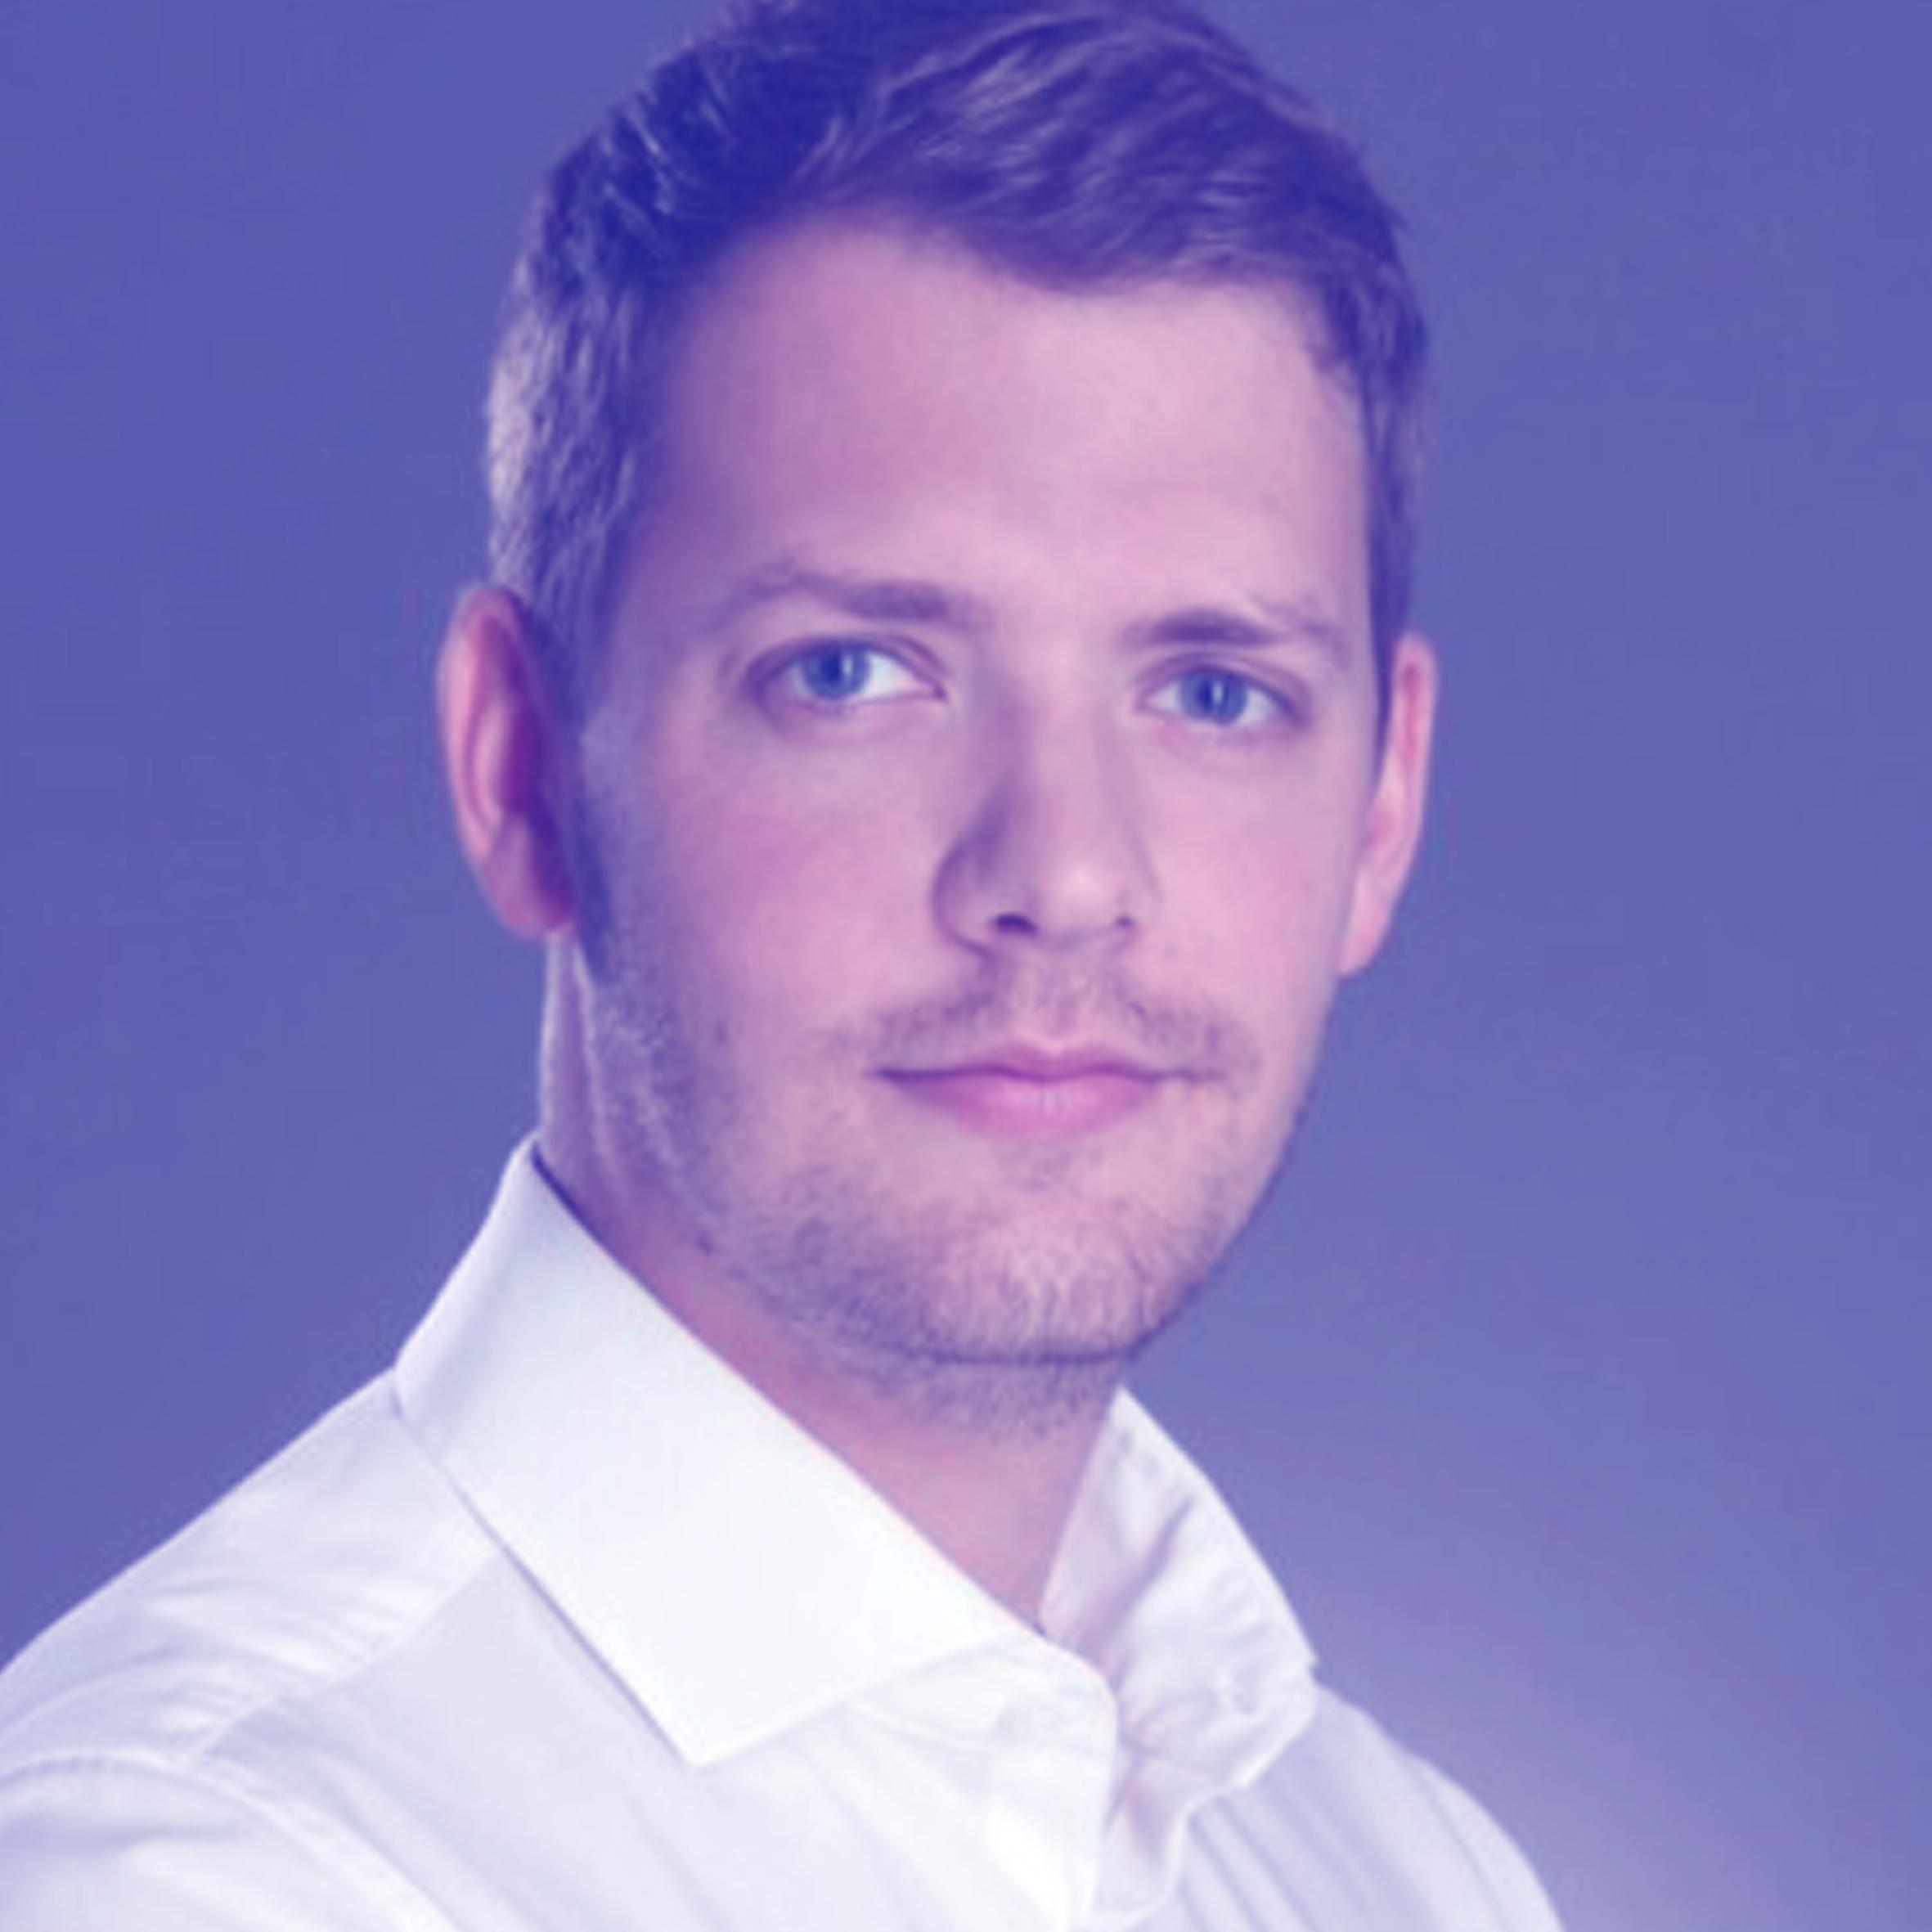 Daniel Metzler